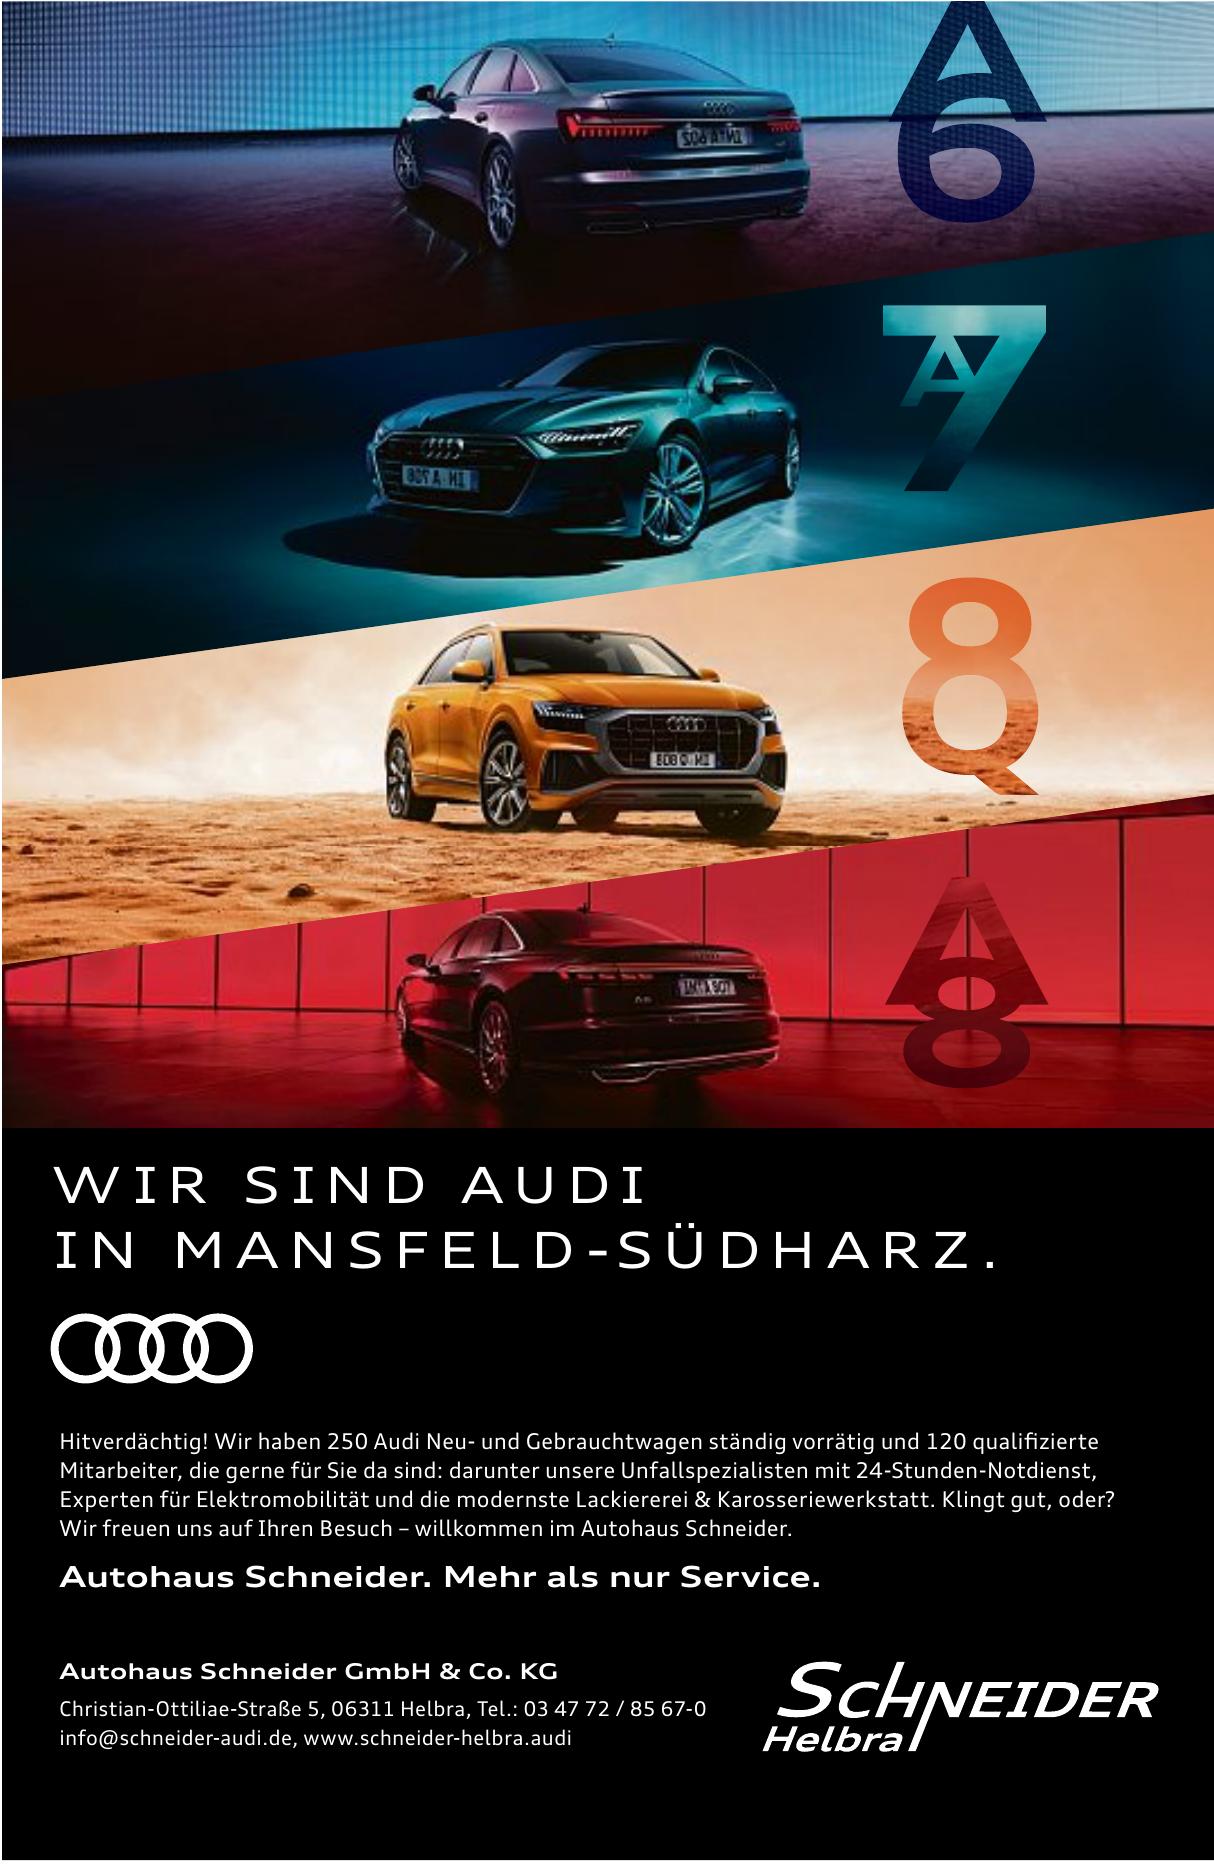 Autohaus Schneider GmbH & Co. KG